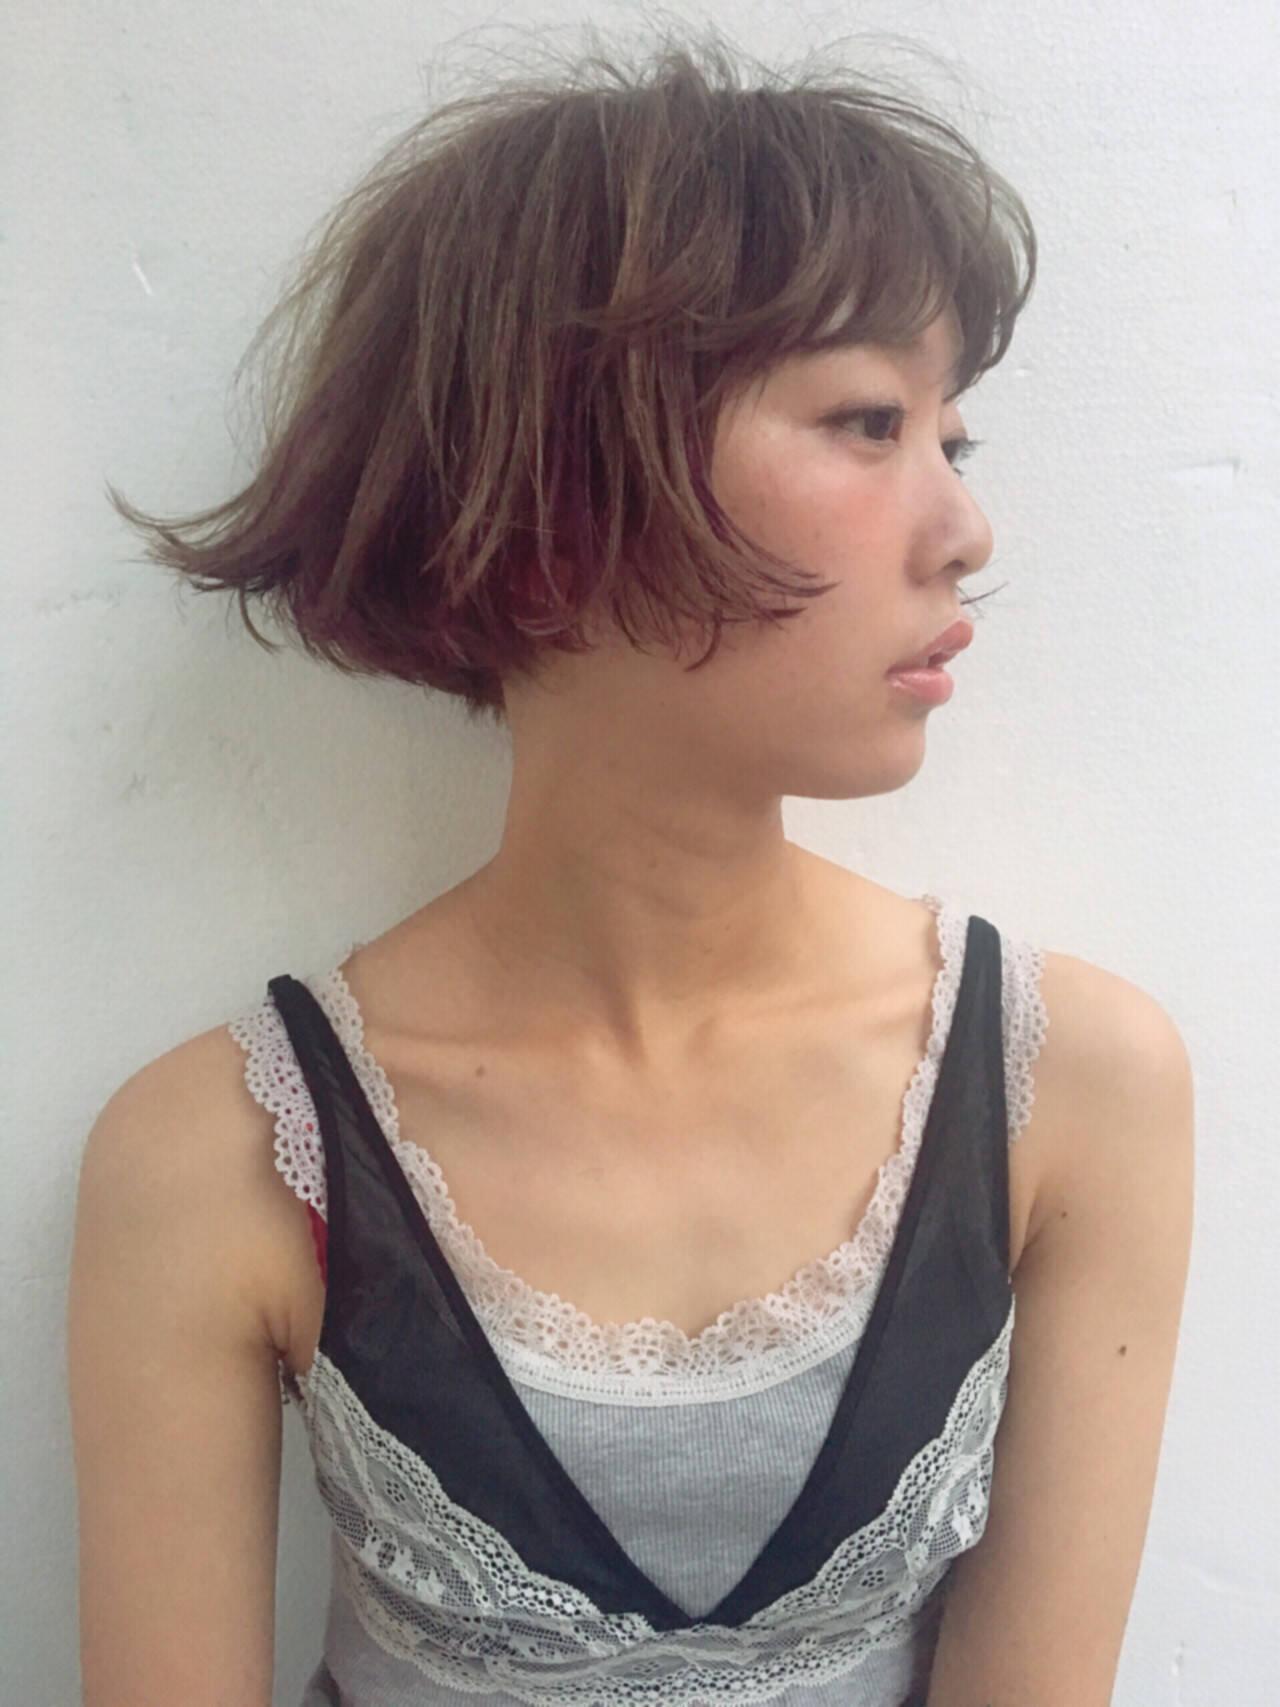 アッシュ ストリート ハイトーン ダブルカラーヘアスタイルや髪型の写真・画像